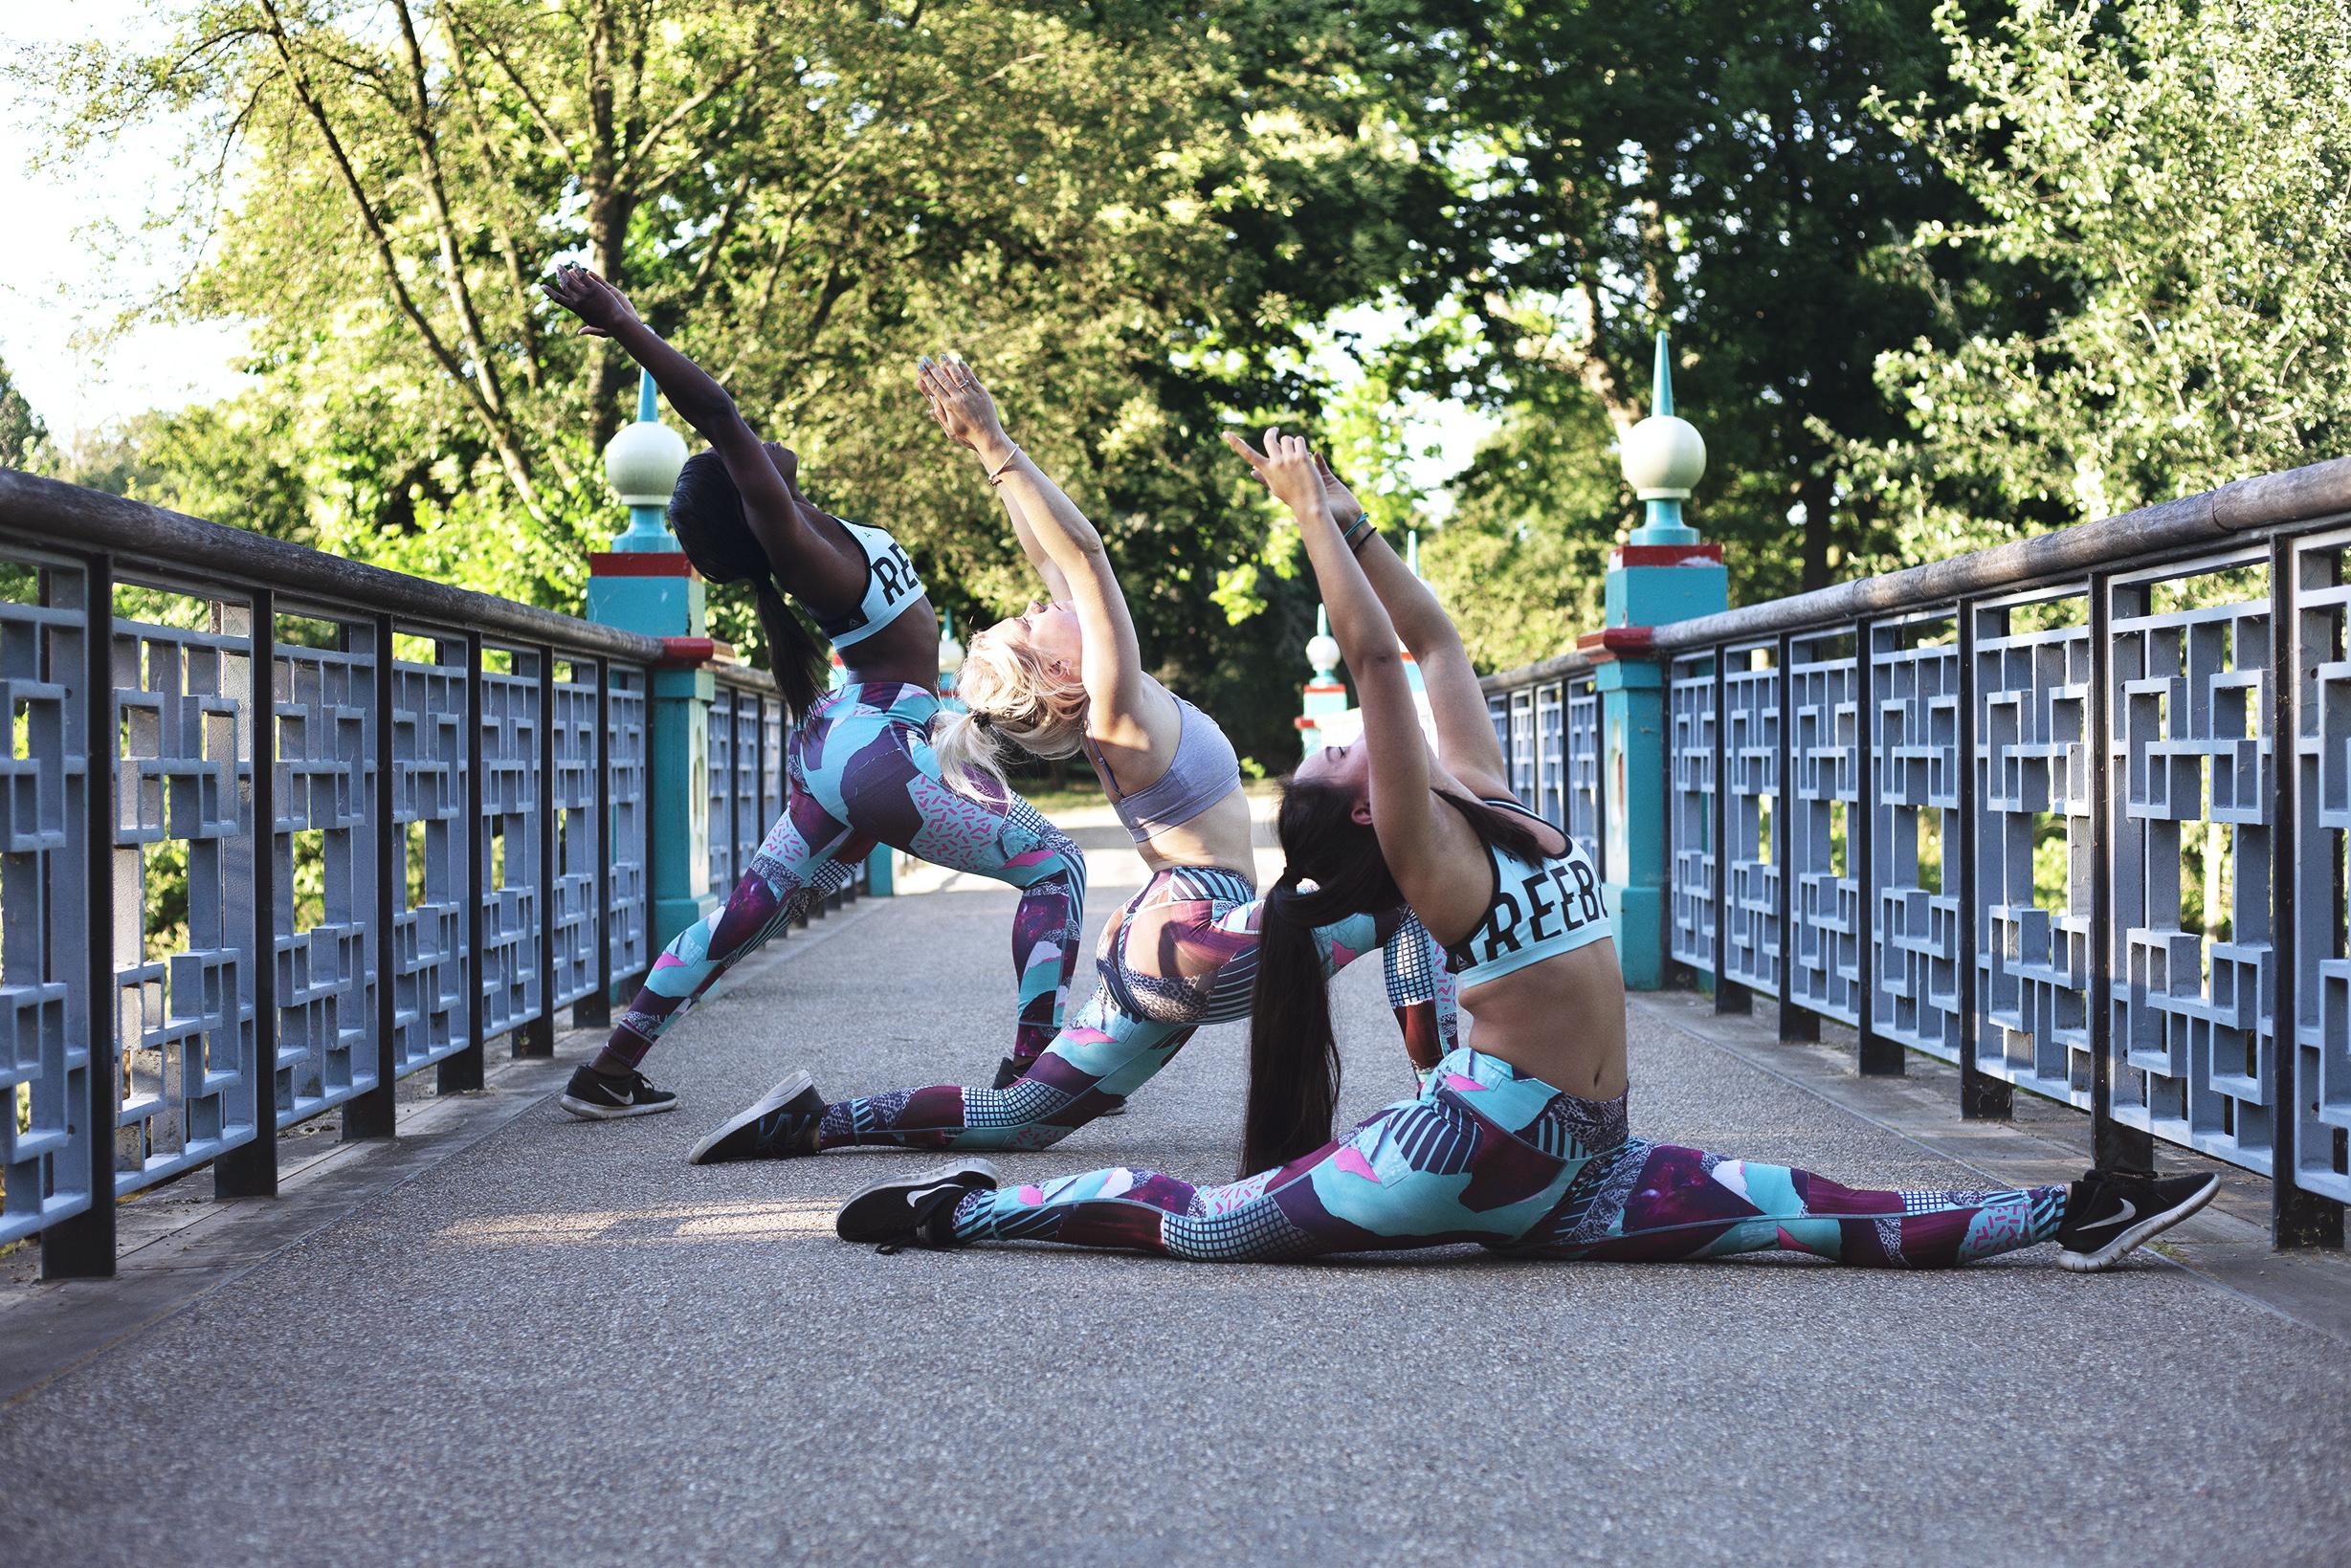 Yeh Yoga x AK Fit Club